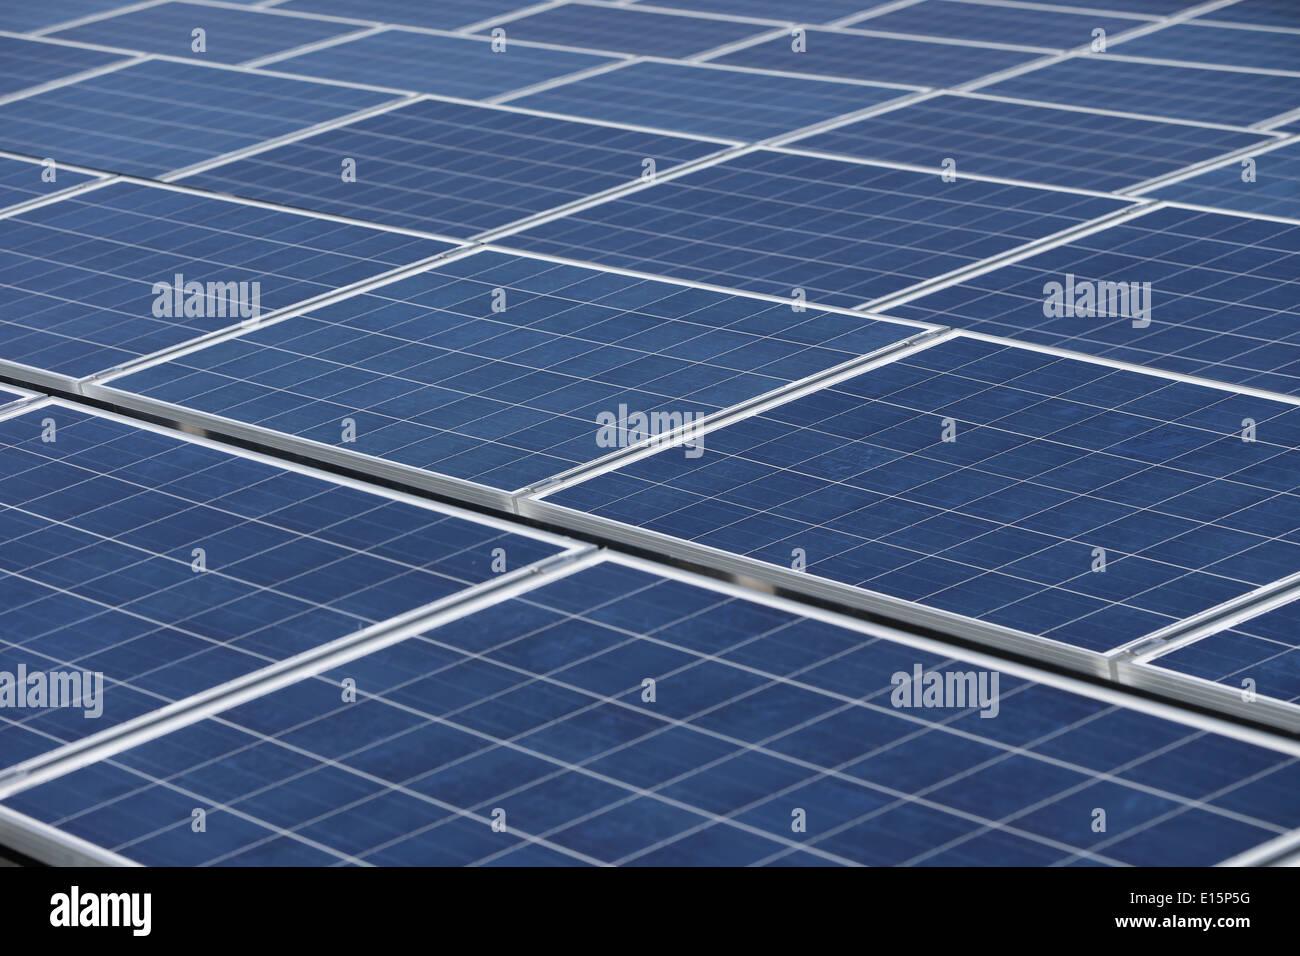 Paneles solares en el techo plano de una oficina Imagen De Stock